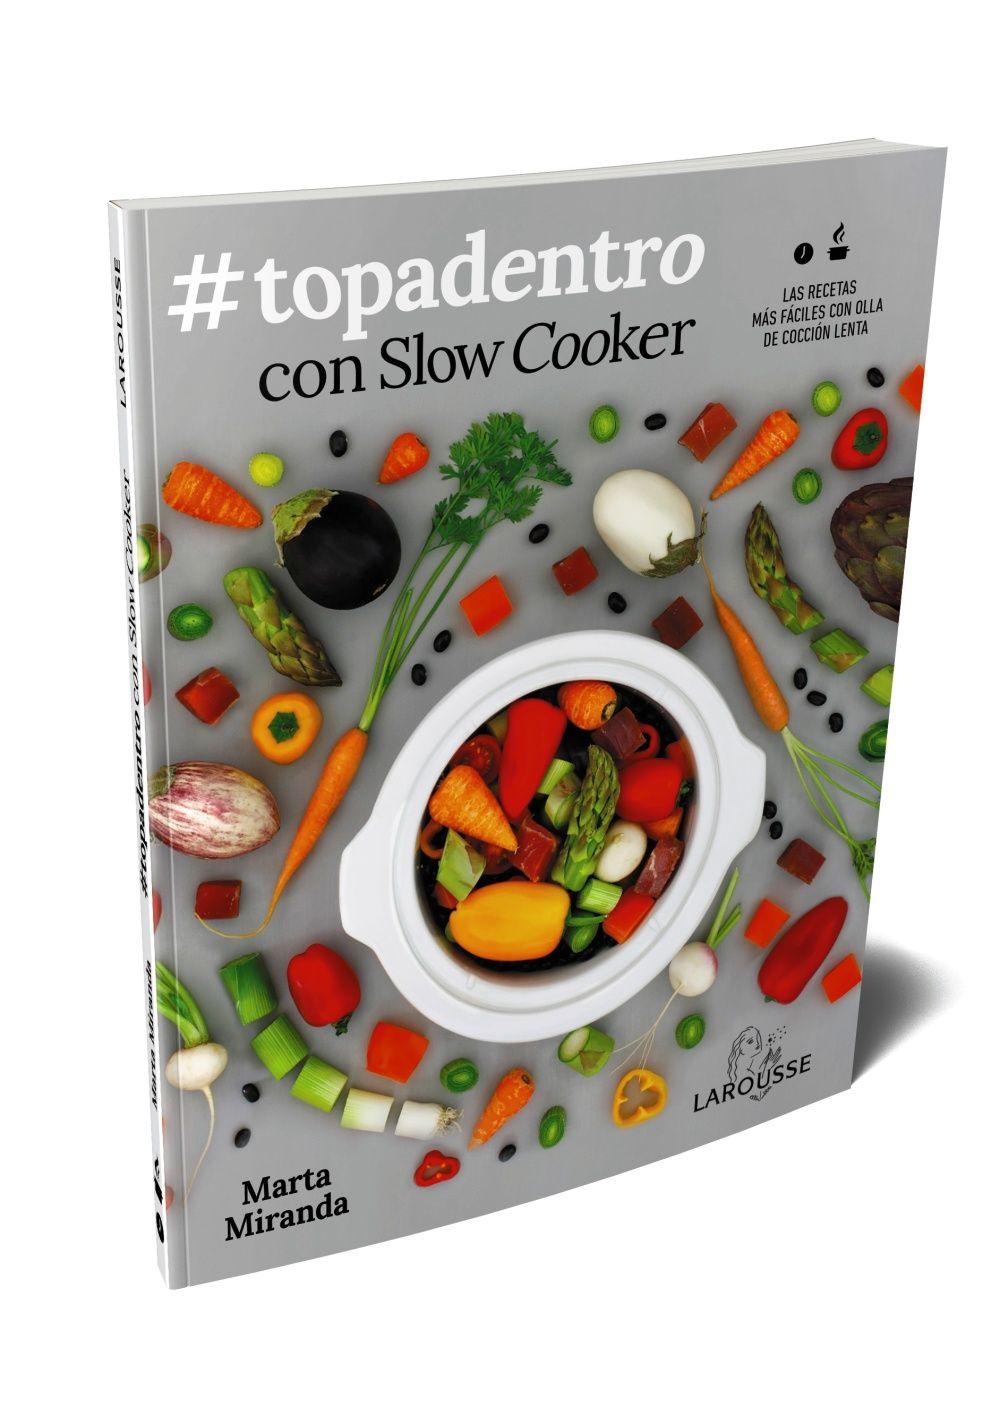 TOPADENTRO CON SLOW COOKER